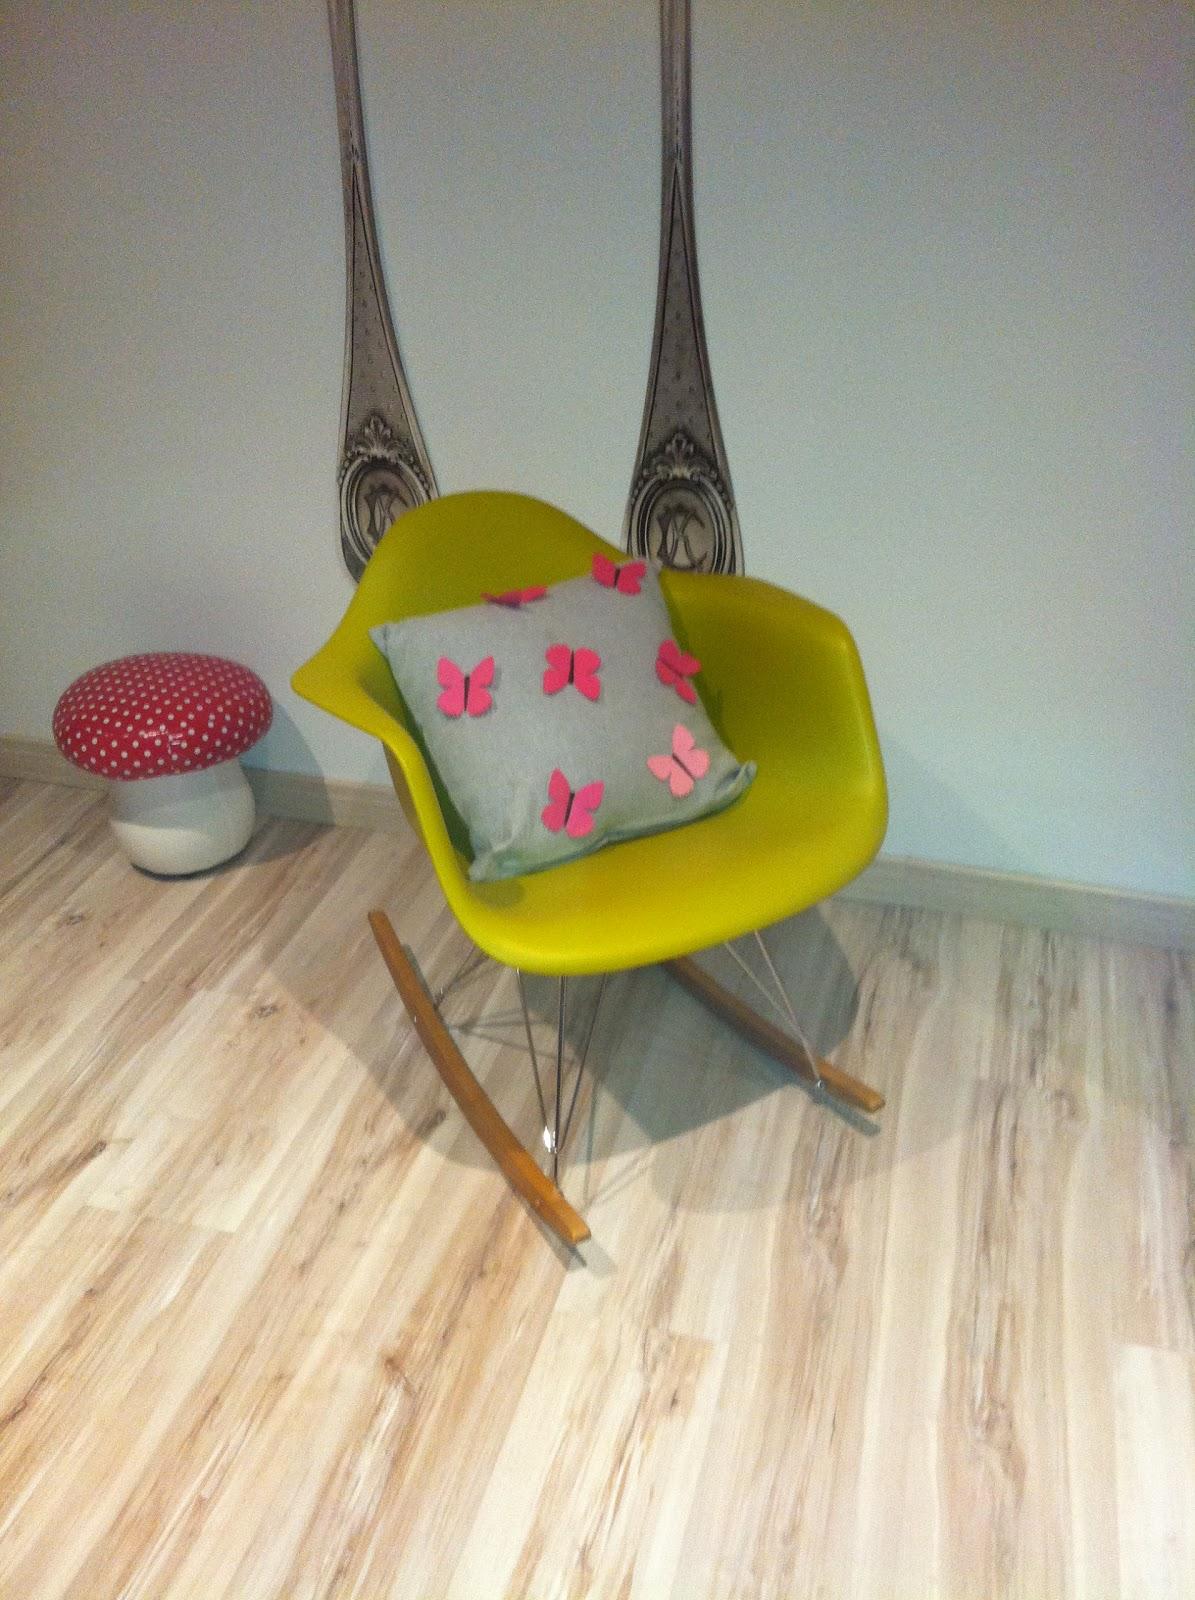 L 39 atelier des f es le plus beau fauteuil du monde j 39 en ai r v - Les plus beaux fauteuils ...